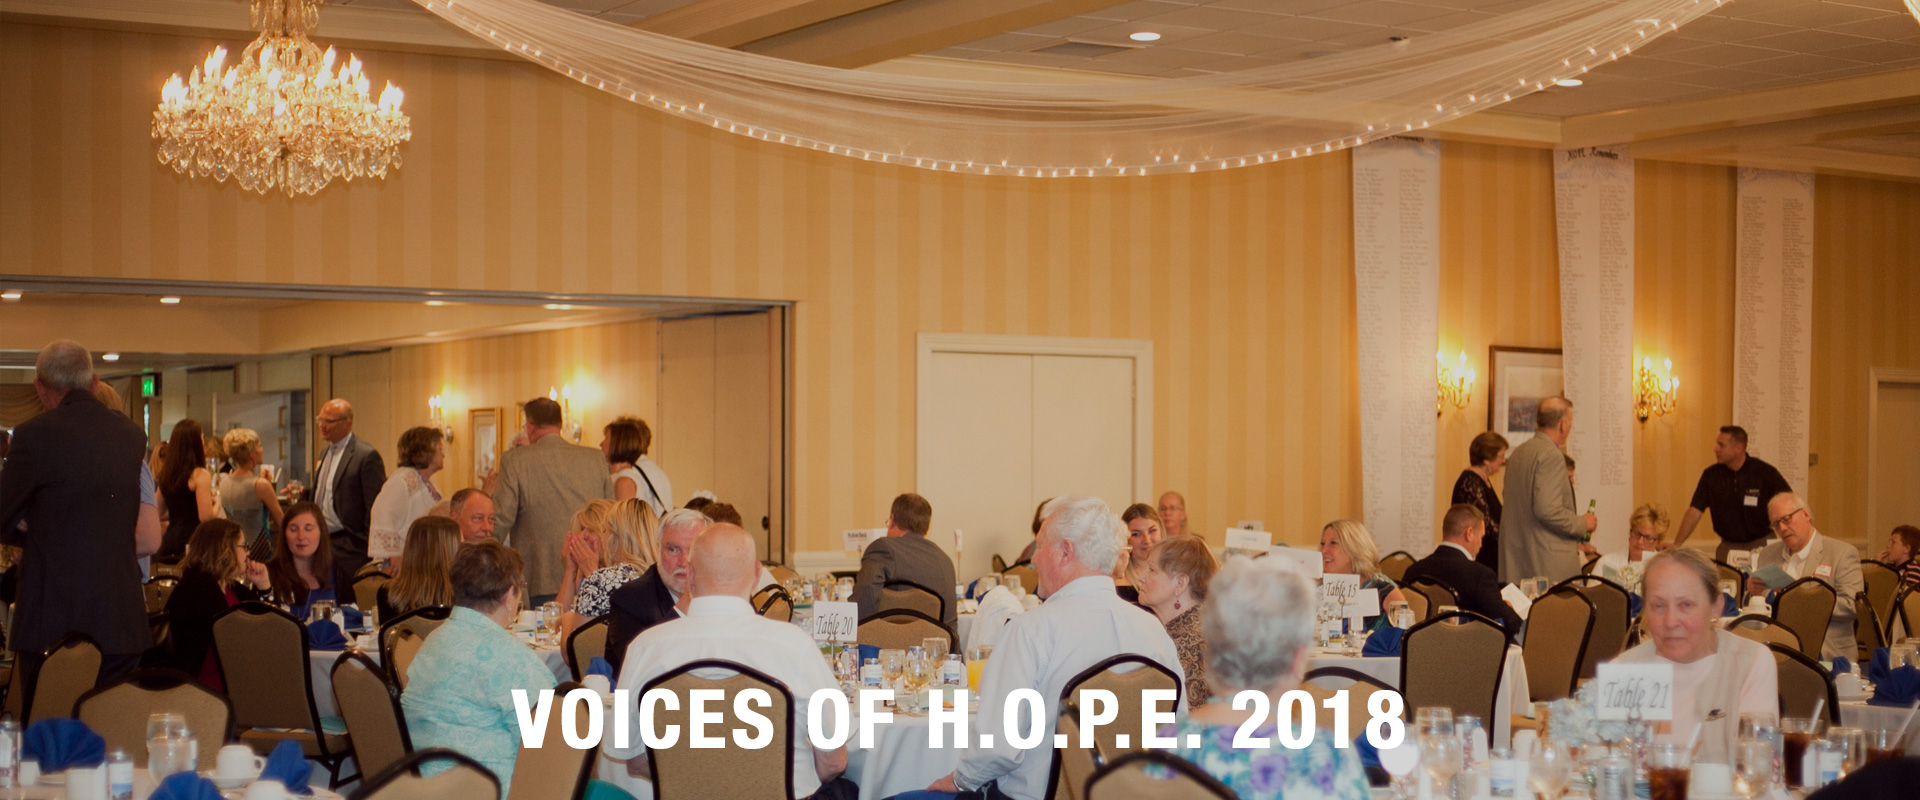 Voices of H.O.P.E. 2018 - 8